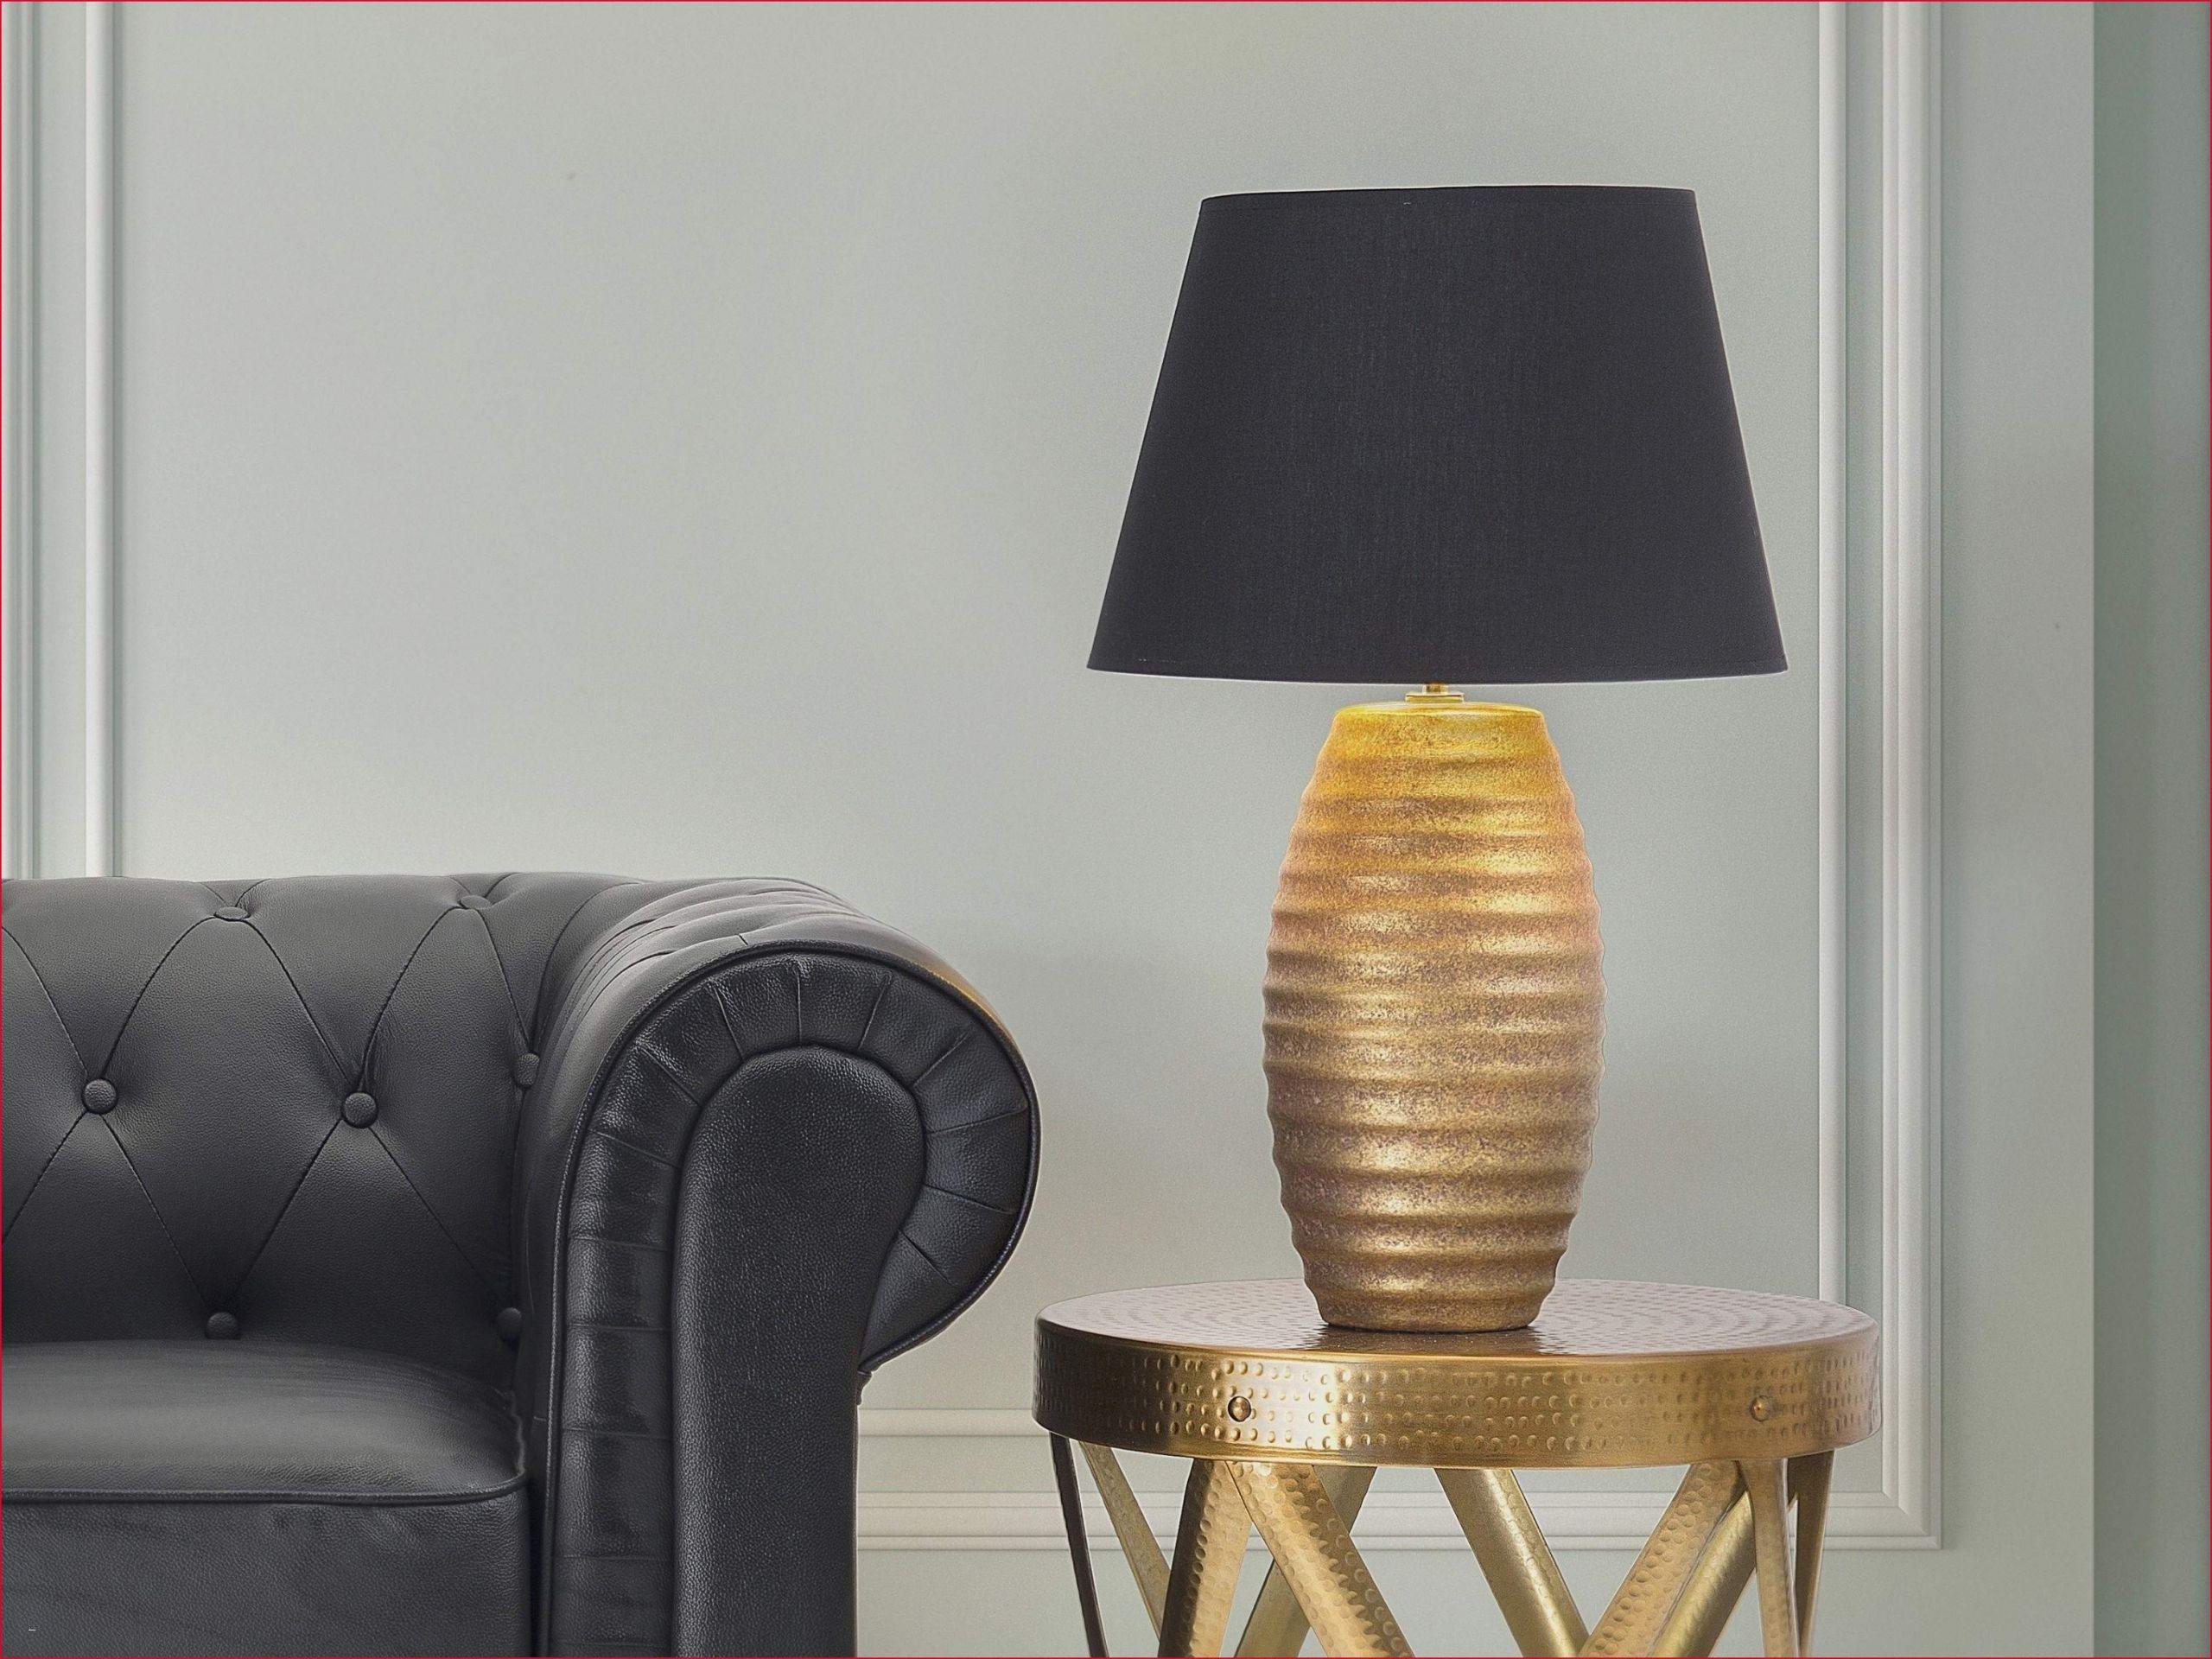 lampe wohnzimmer decke einzigartig schon licht lampe sammlung von lampe idee lampe ideen of lampe wohnzimmer decke